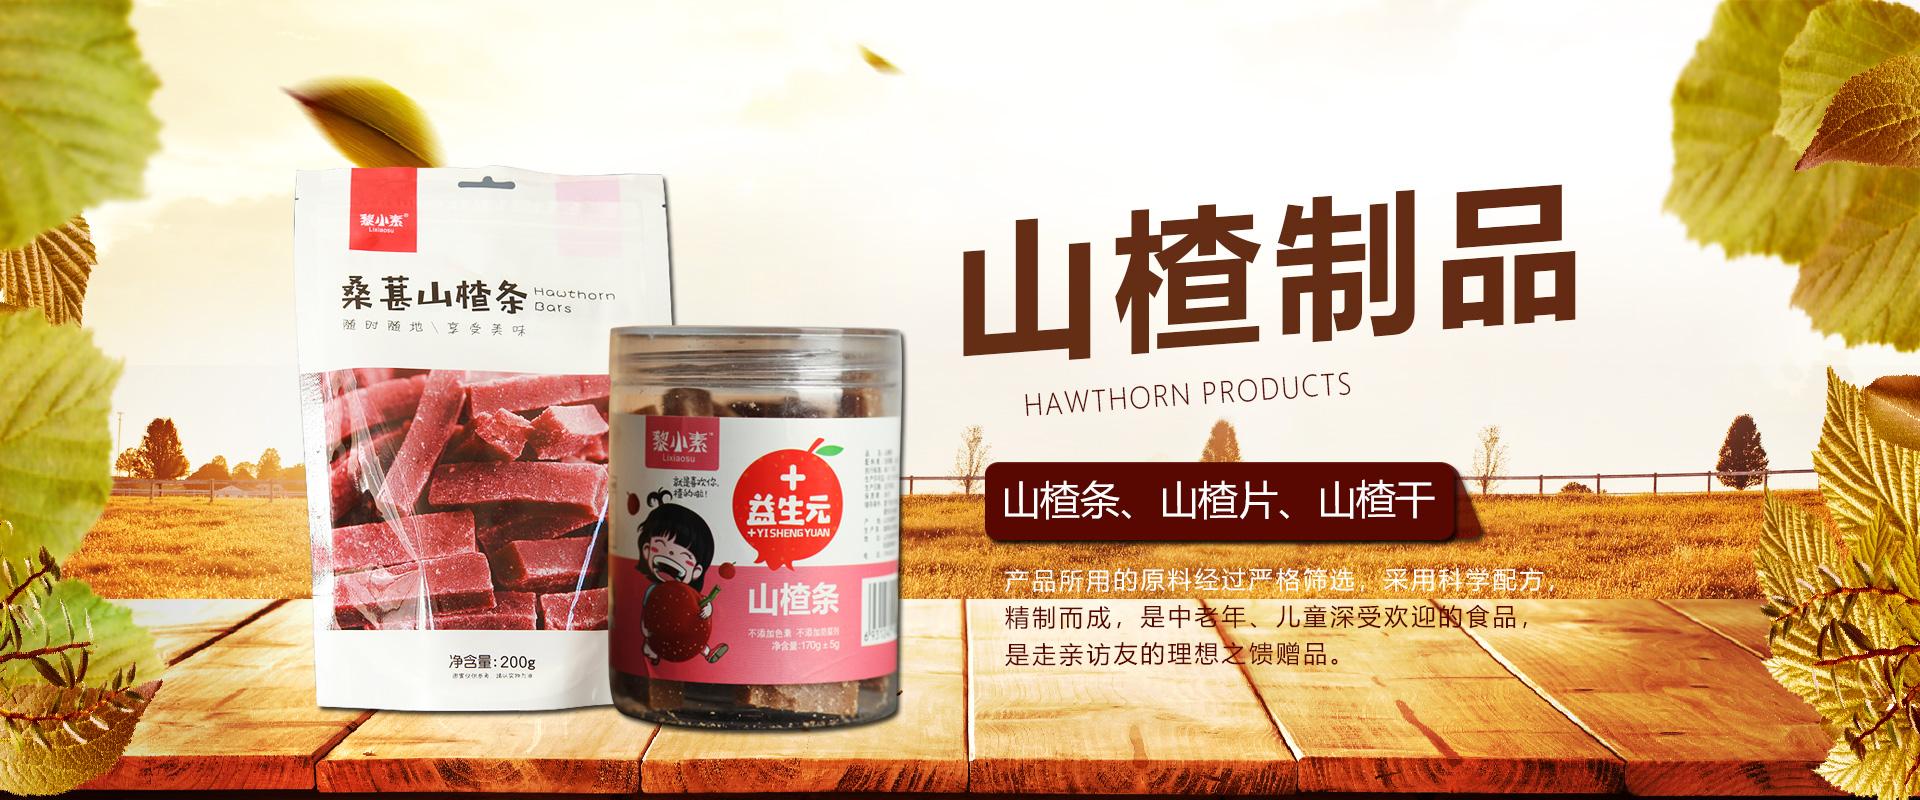 临朐县光颜食品厂